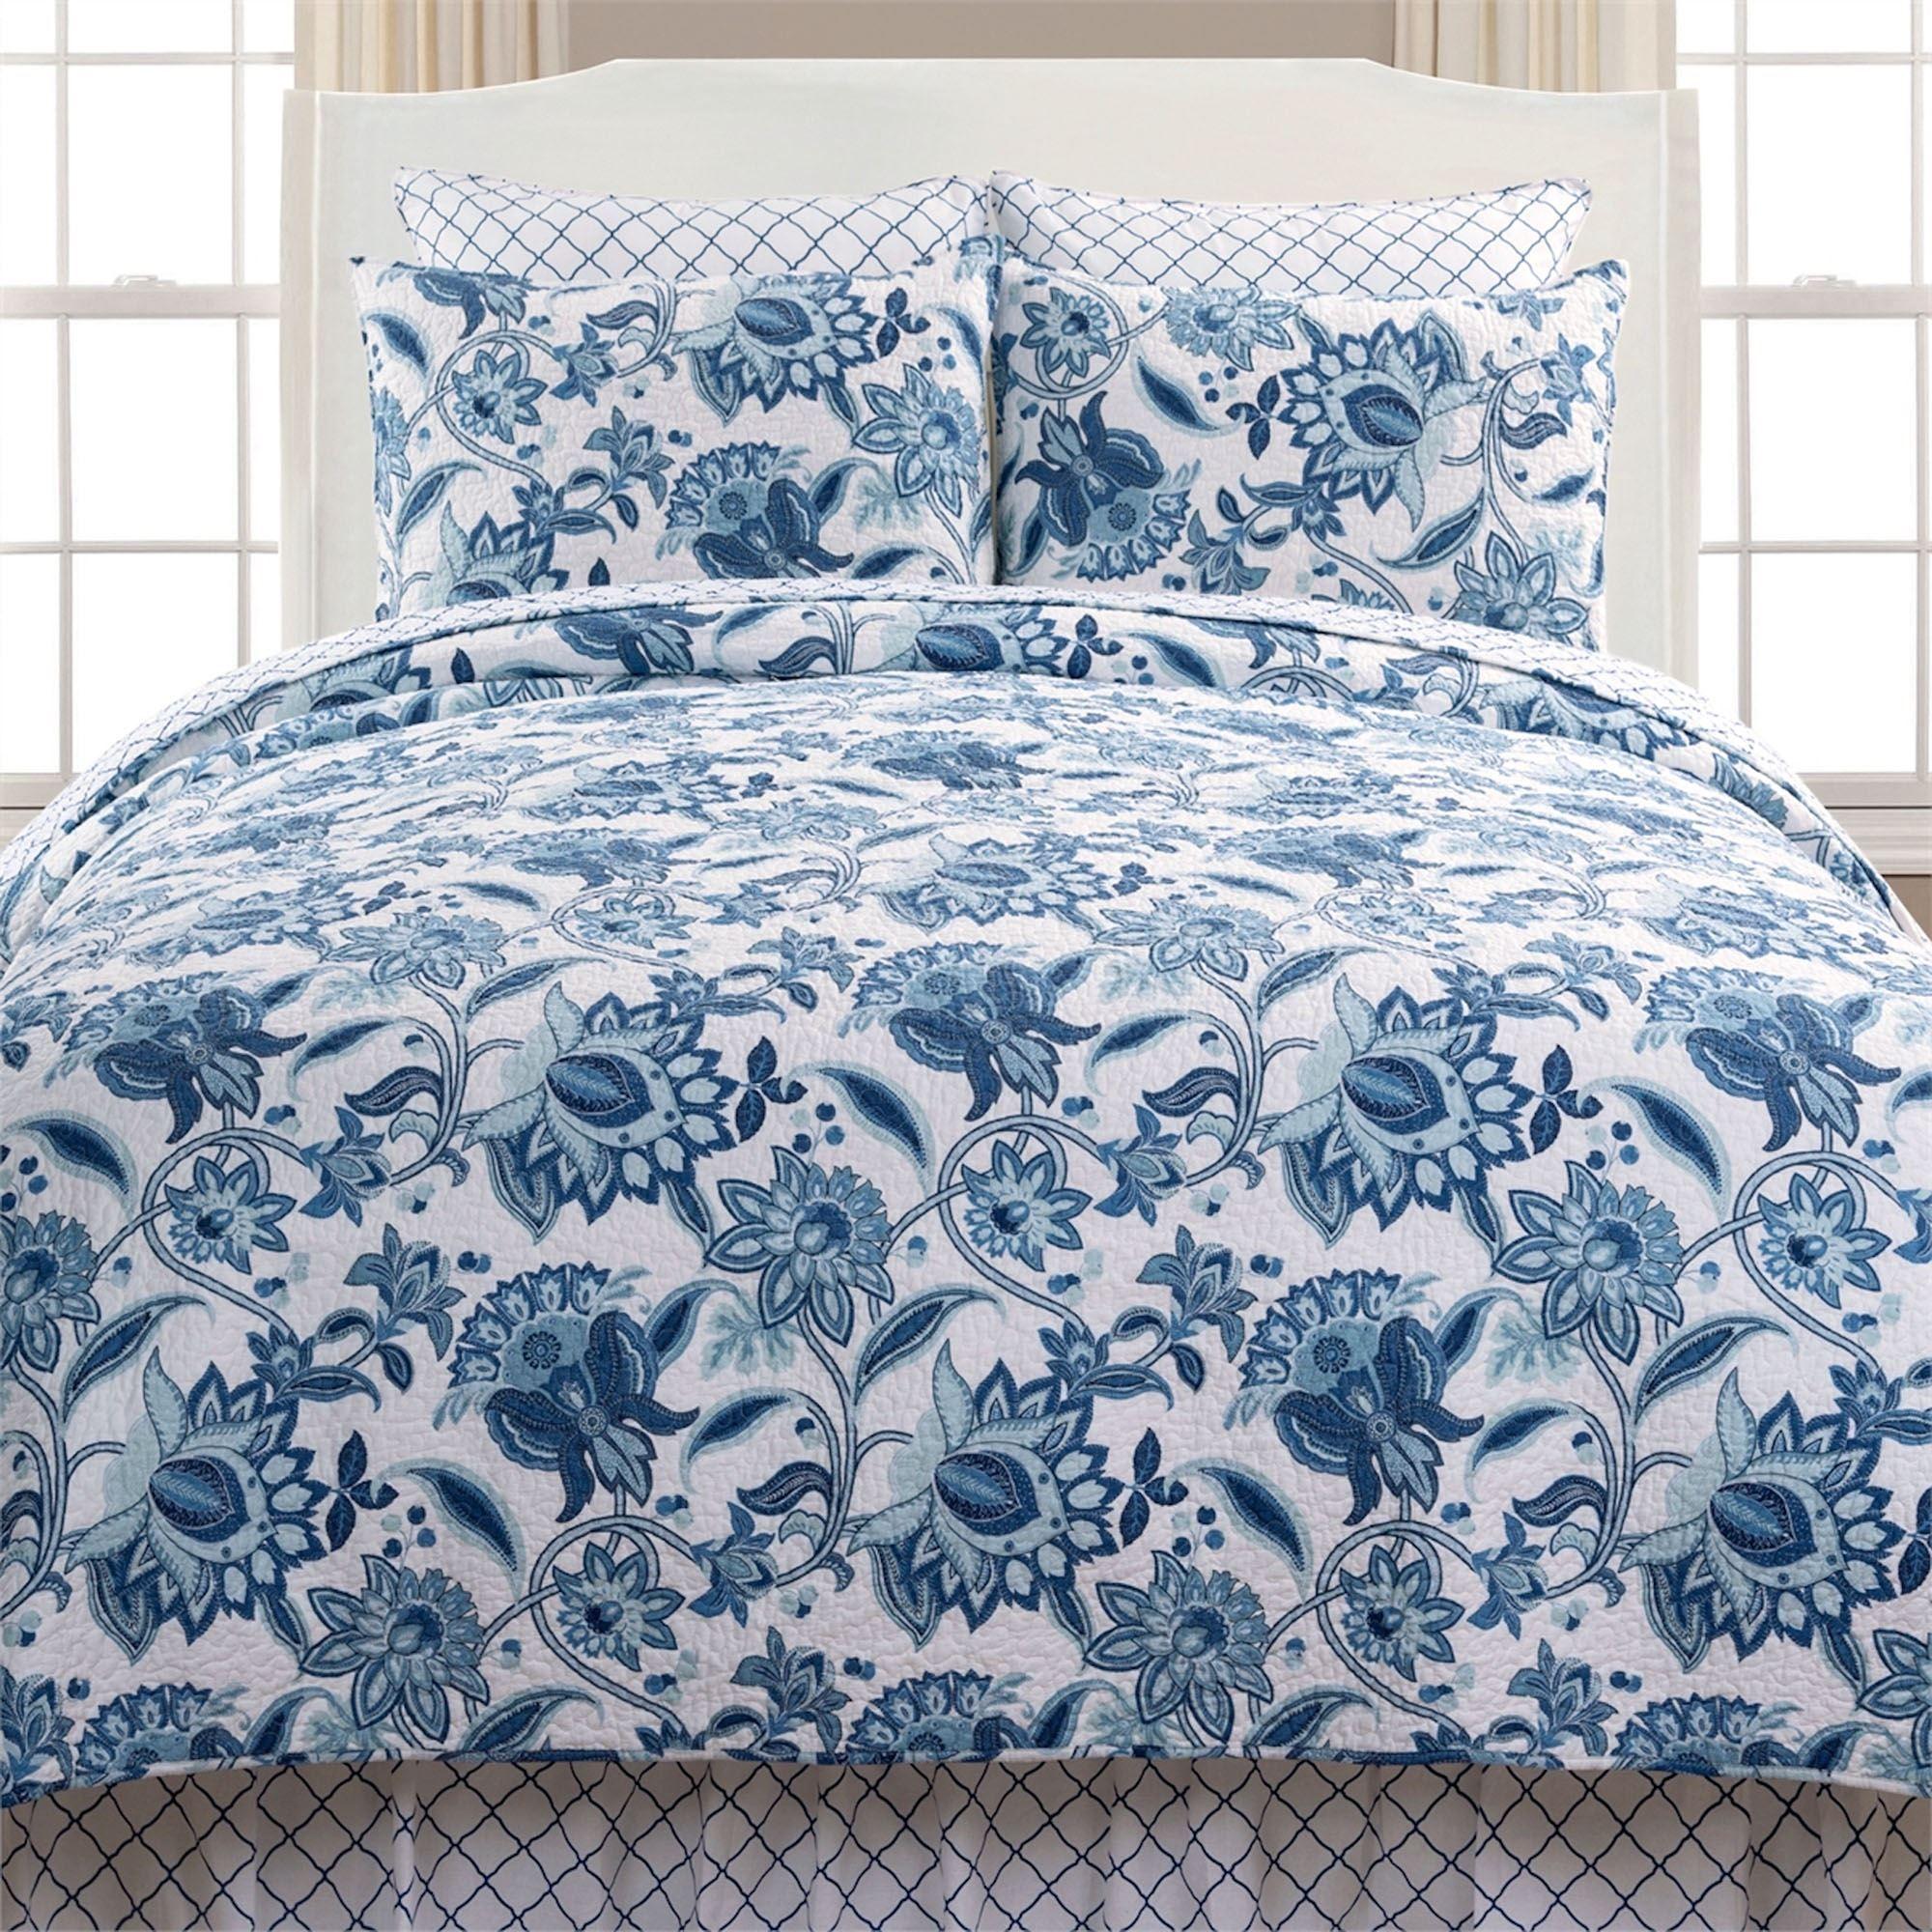 Julianna Blue Jacobean Floral Mini Quilt Set